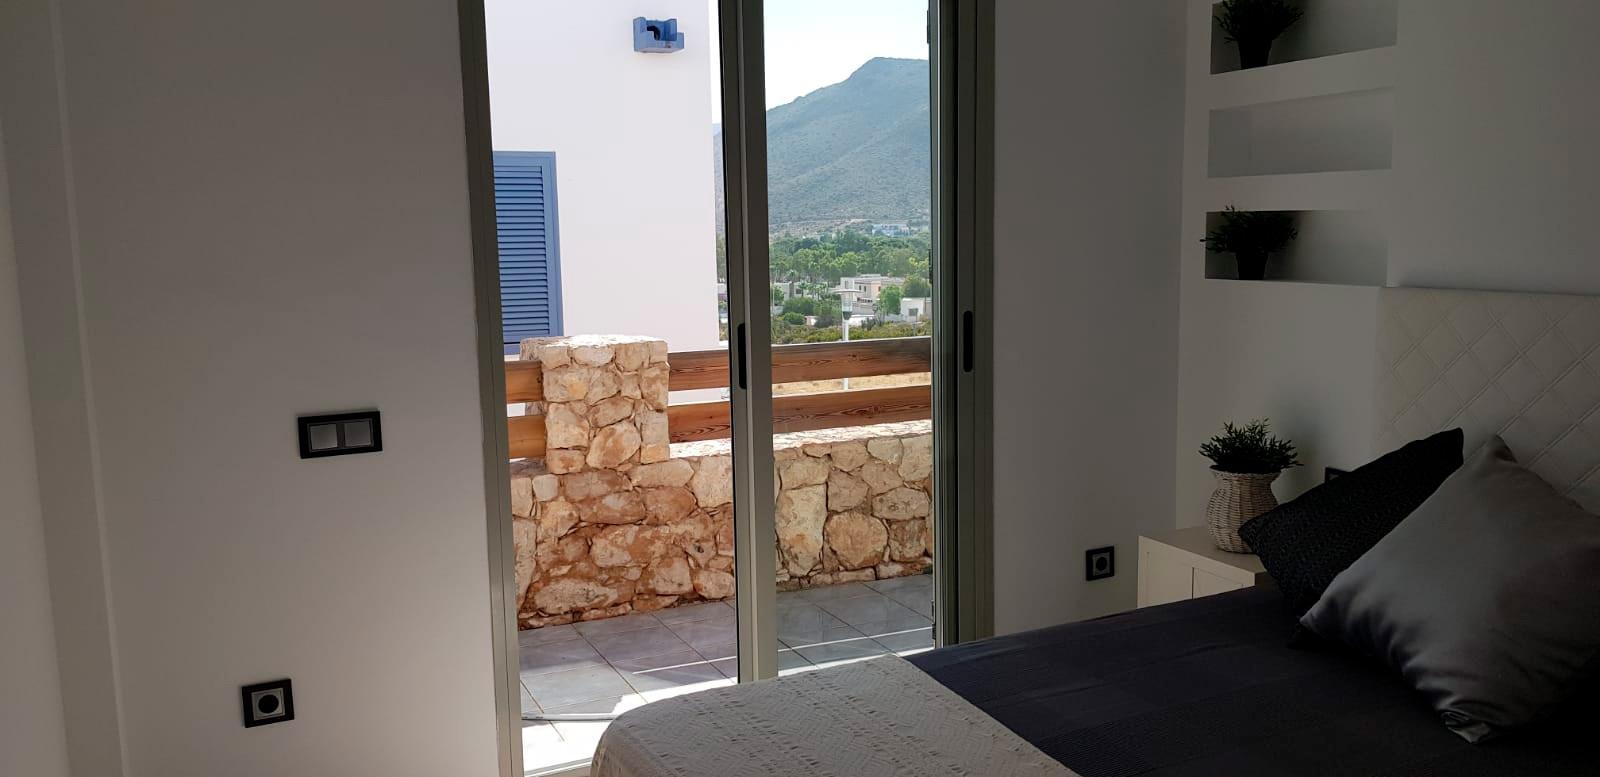 Vistas a la terraza desde el dormitorio